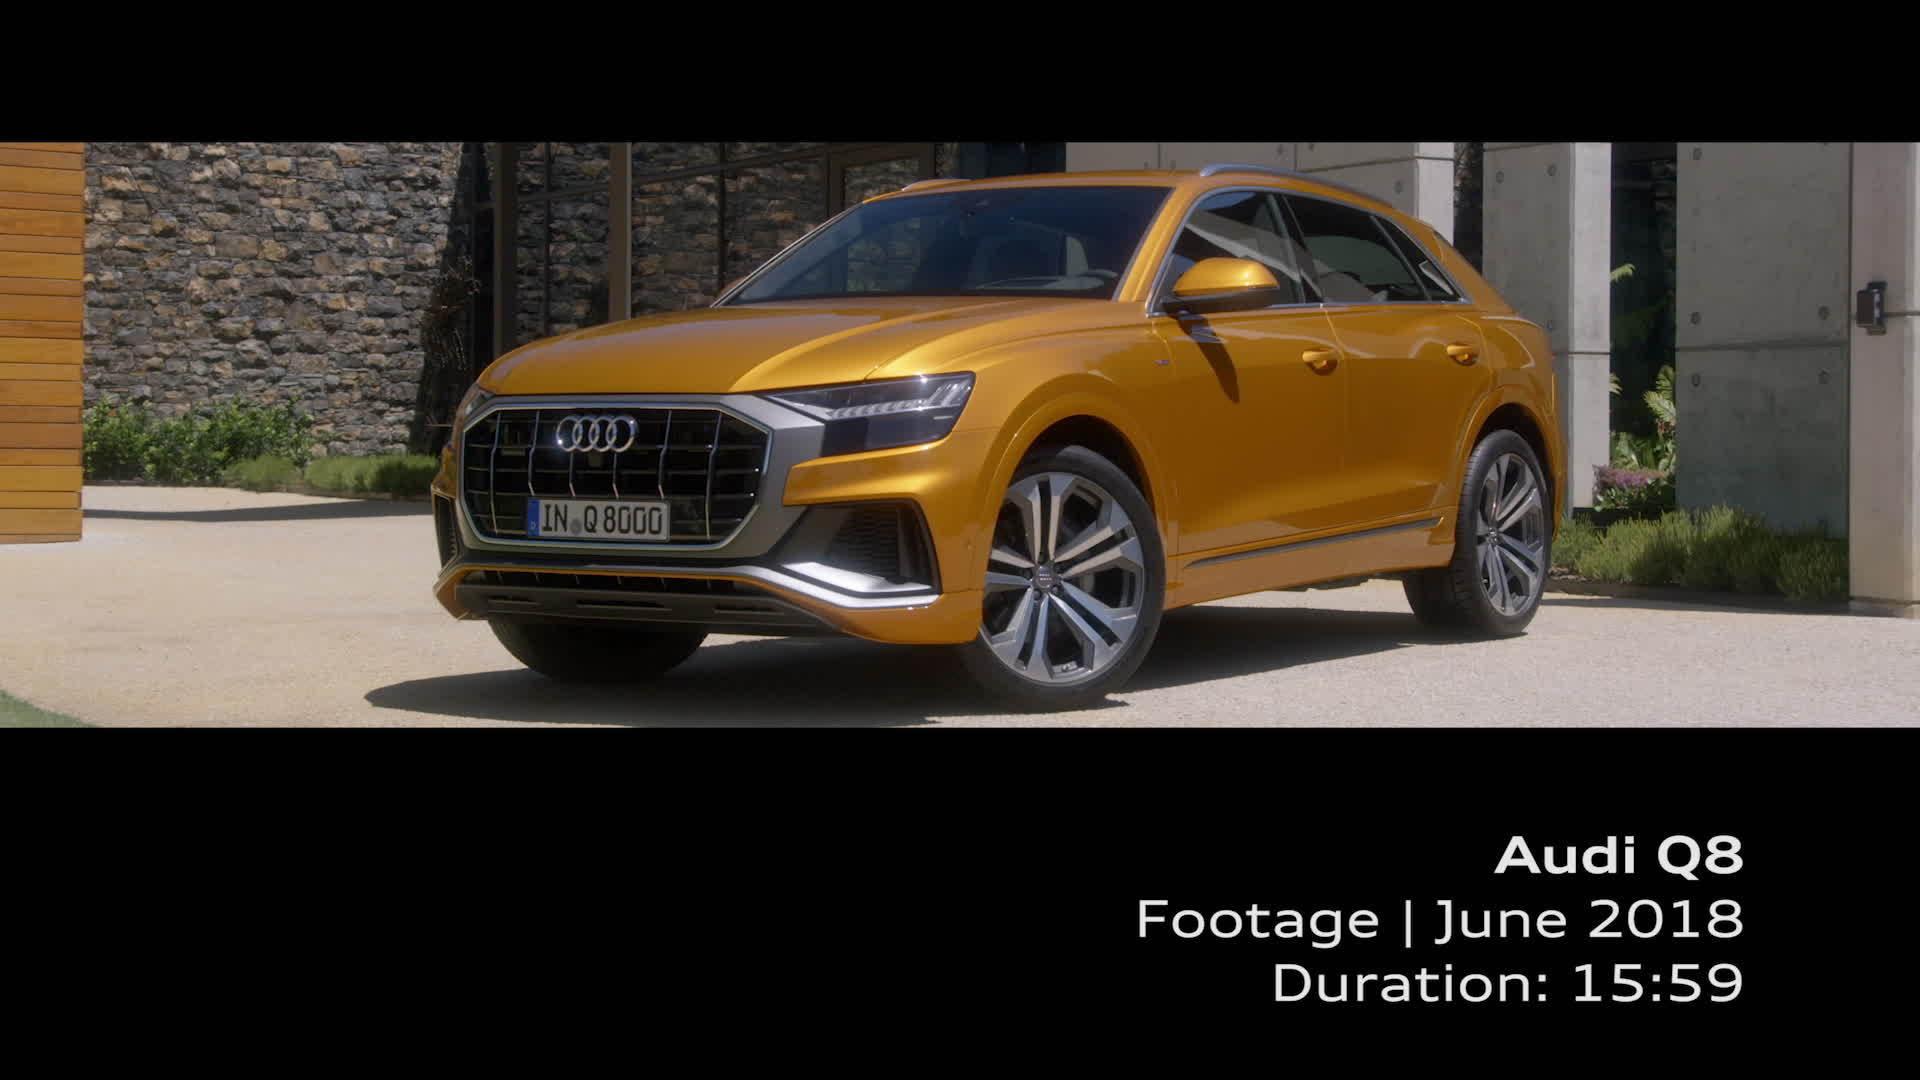 Audi Q8 Footage